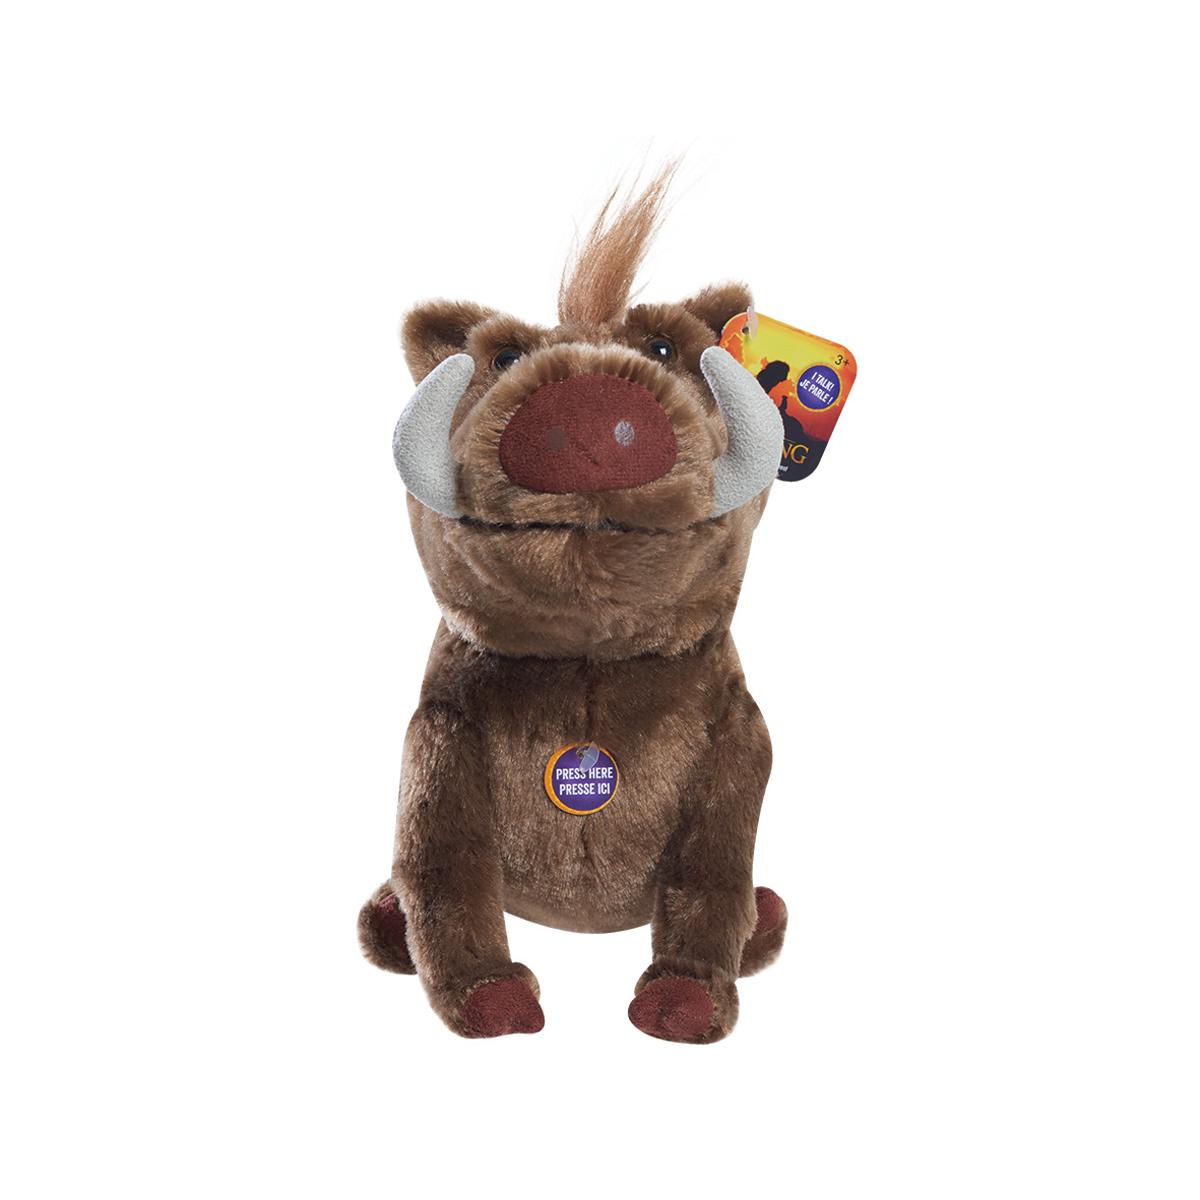 Lion King Talking Plush Toy Pumbaa